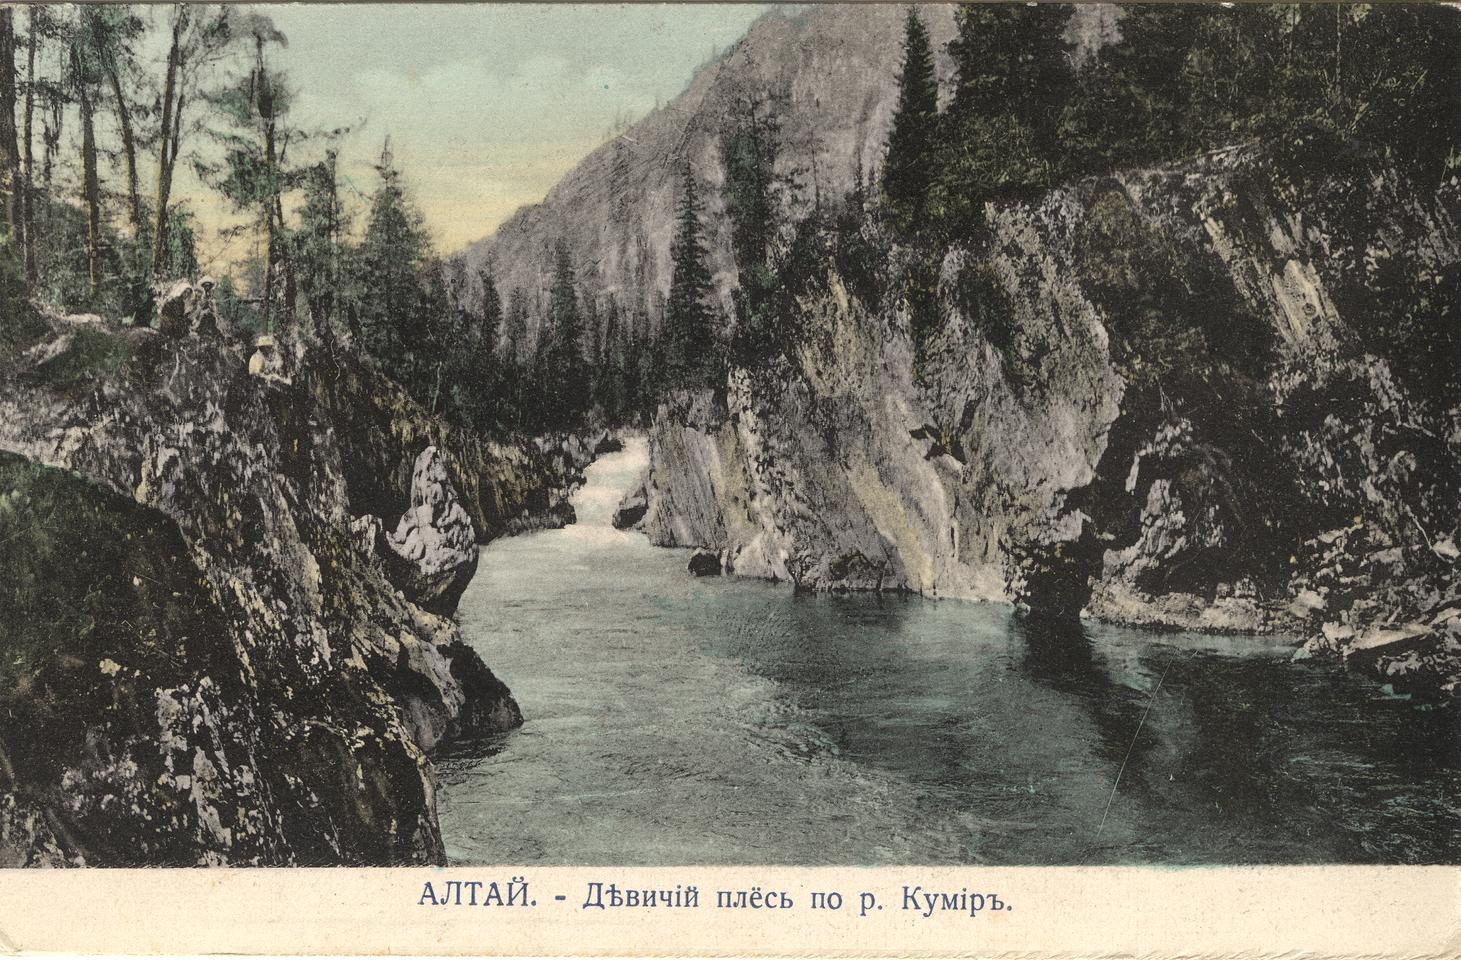 Долина реки Кумир, притока Чарыша. Скалы под названием Девичий плес